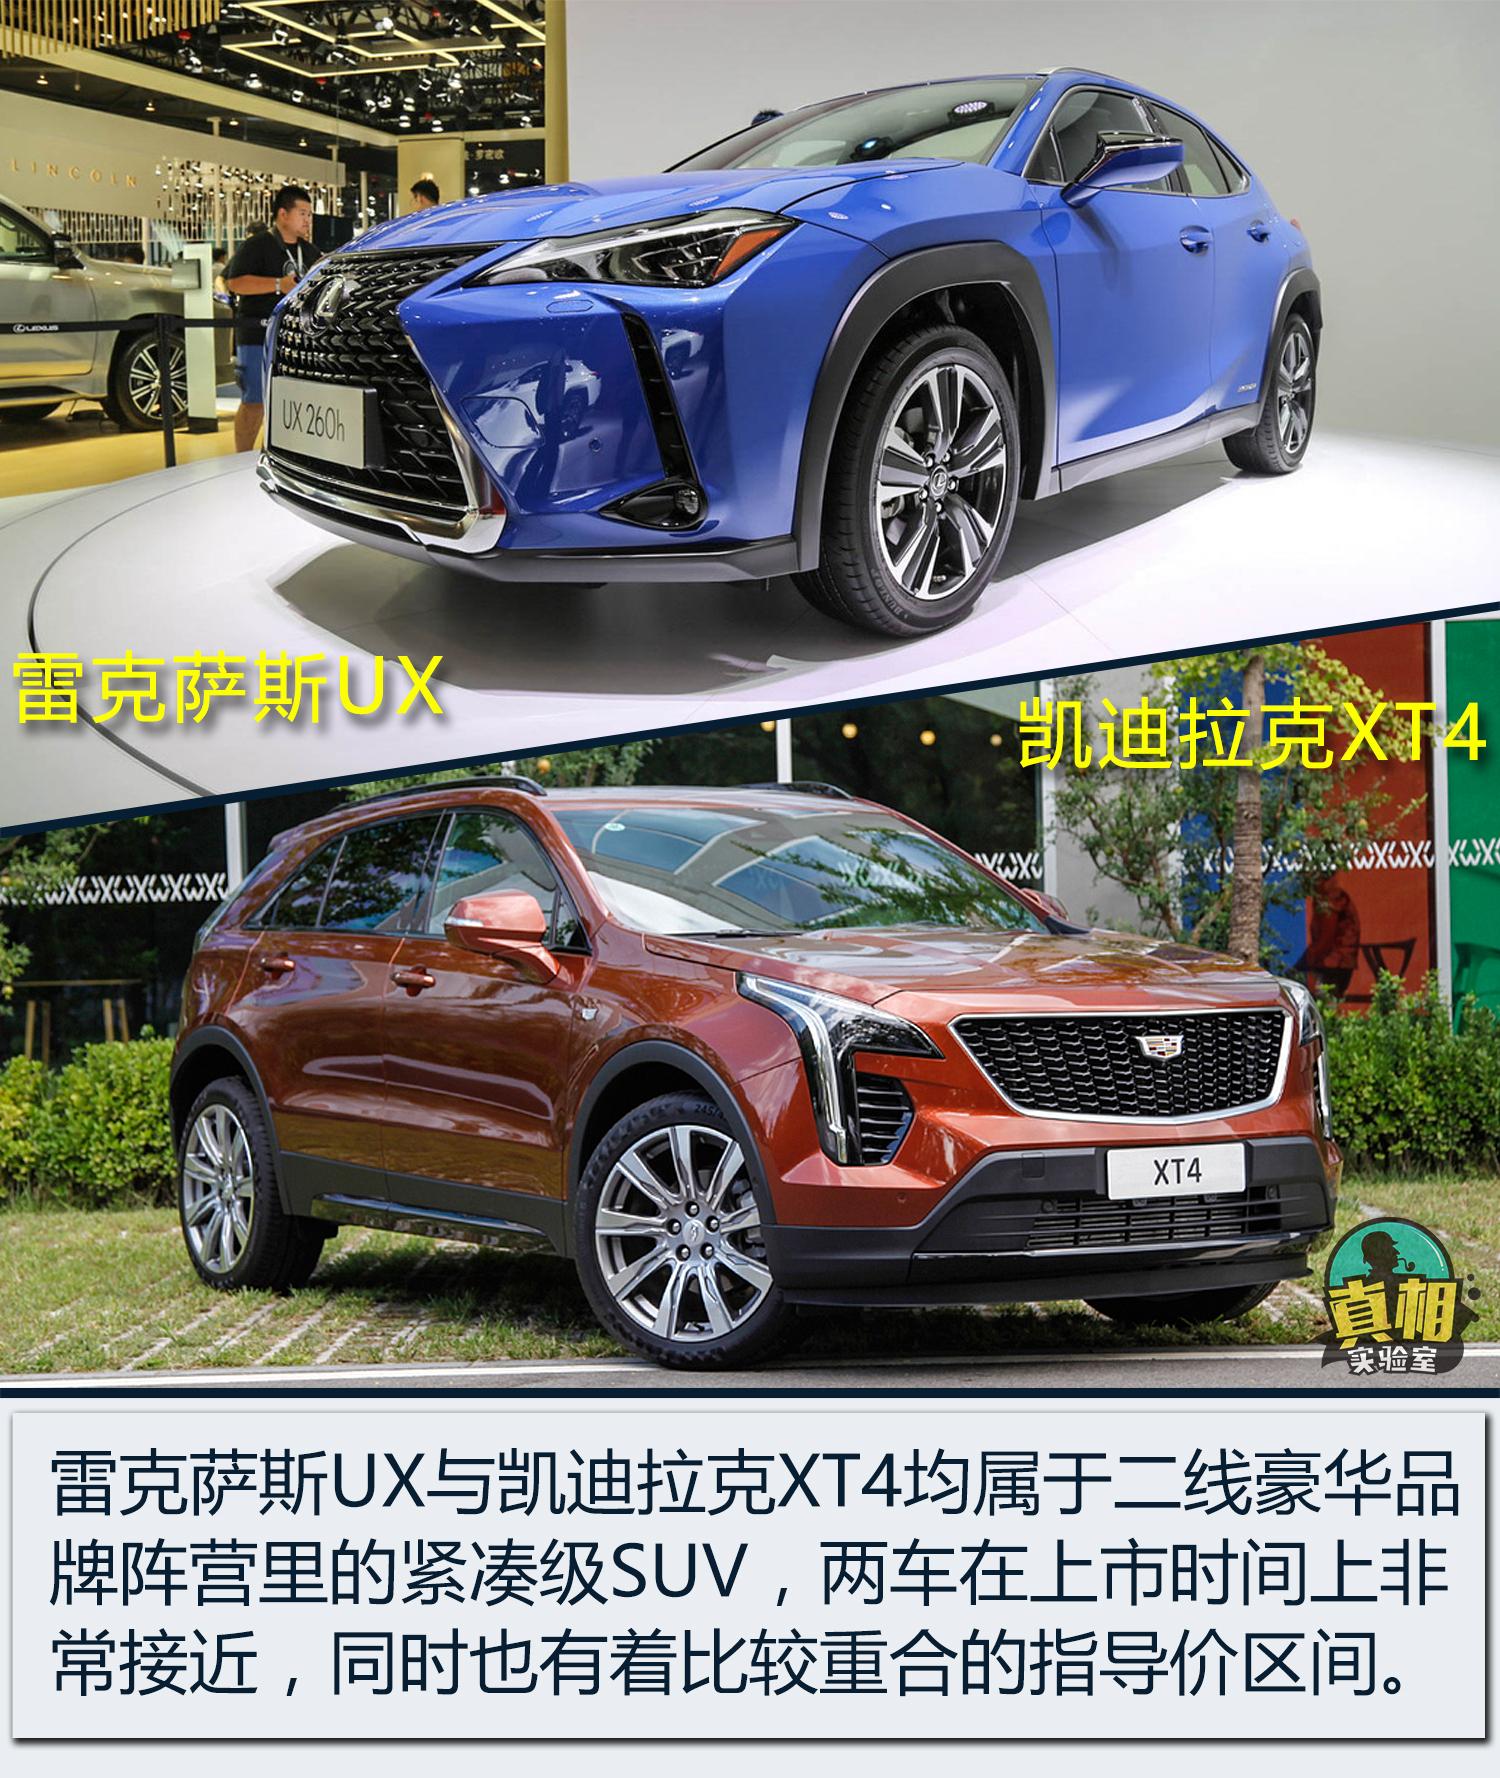 进口凯迪拉克suv_相近价格豪华SUV买进口还是合资? 雷克萨斯UX叫板凯迪拉克XT4_车型